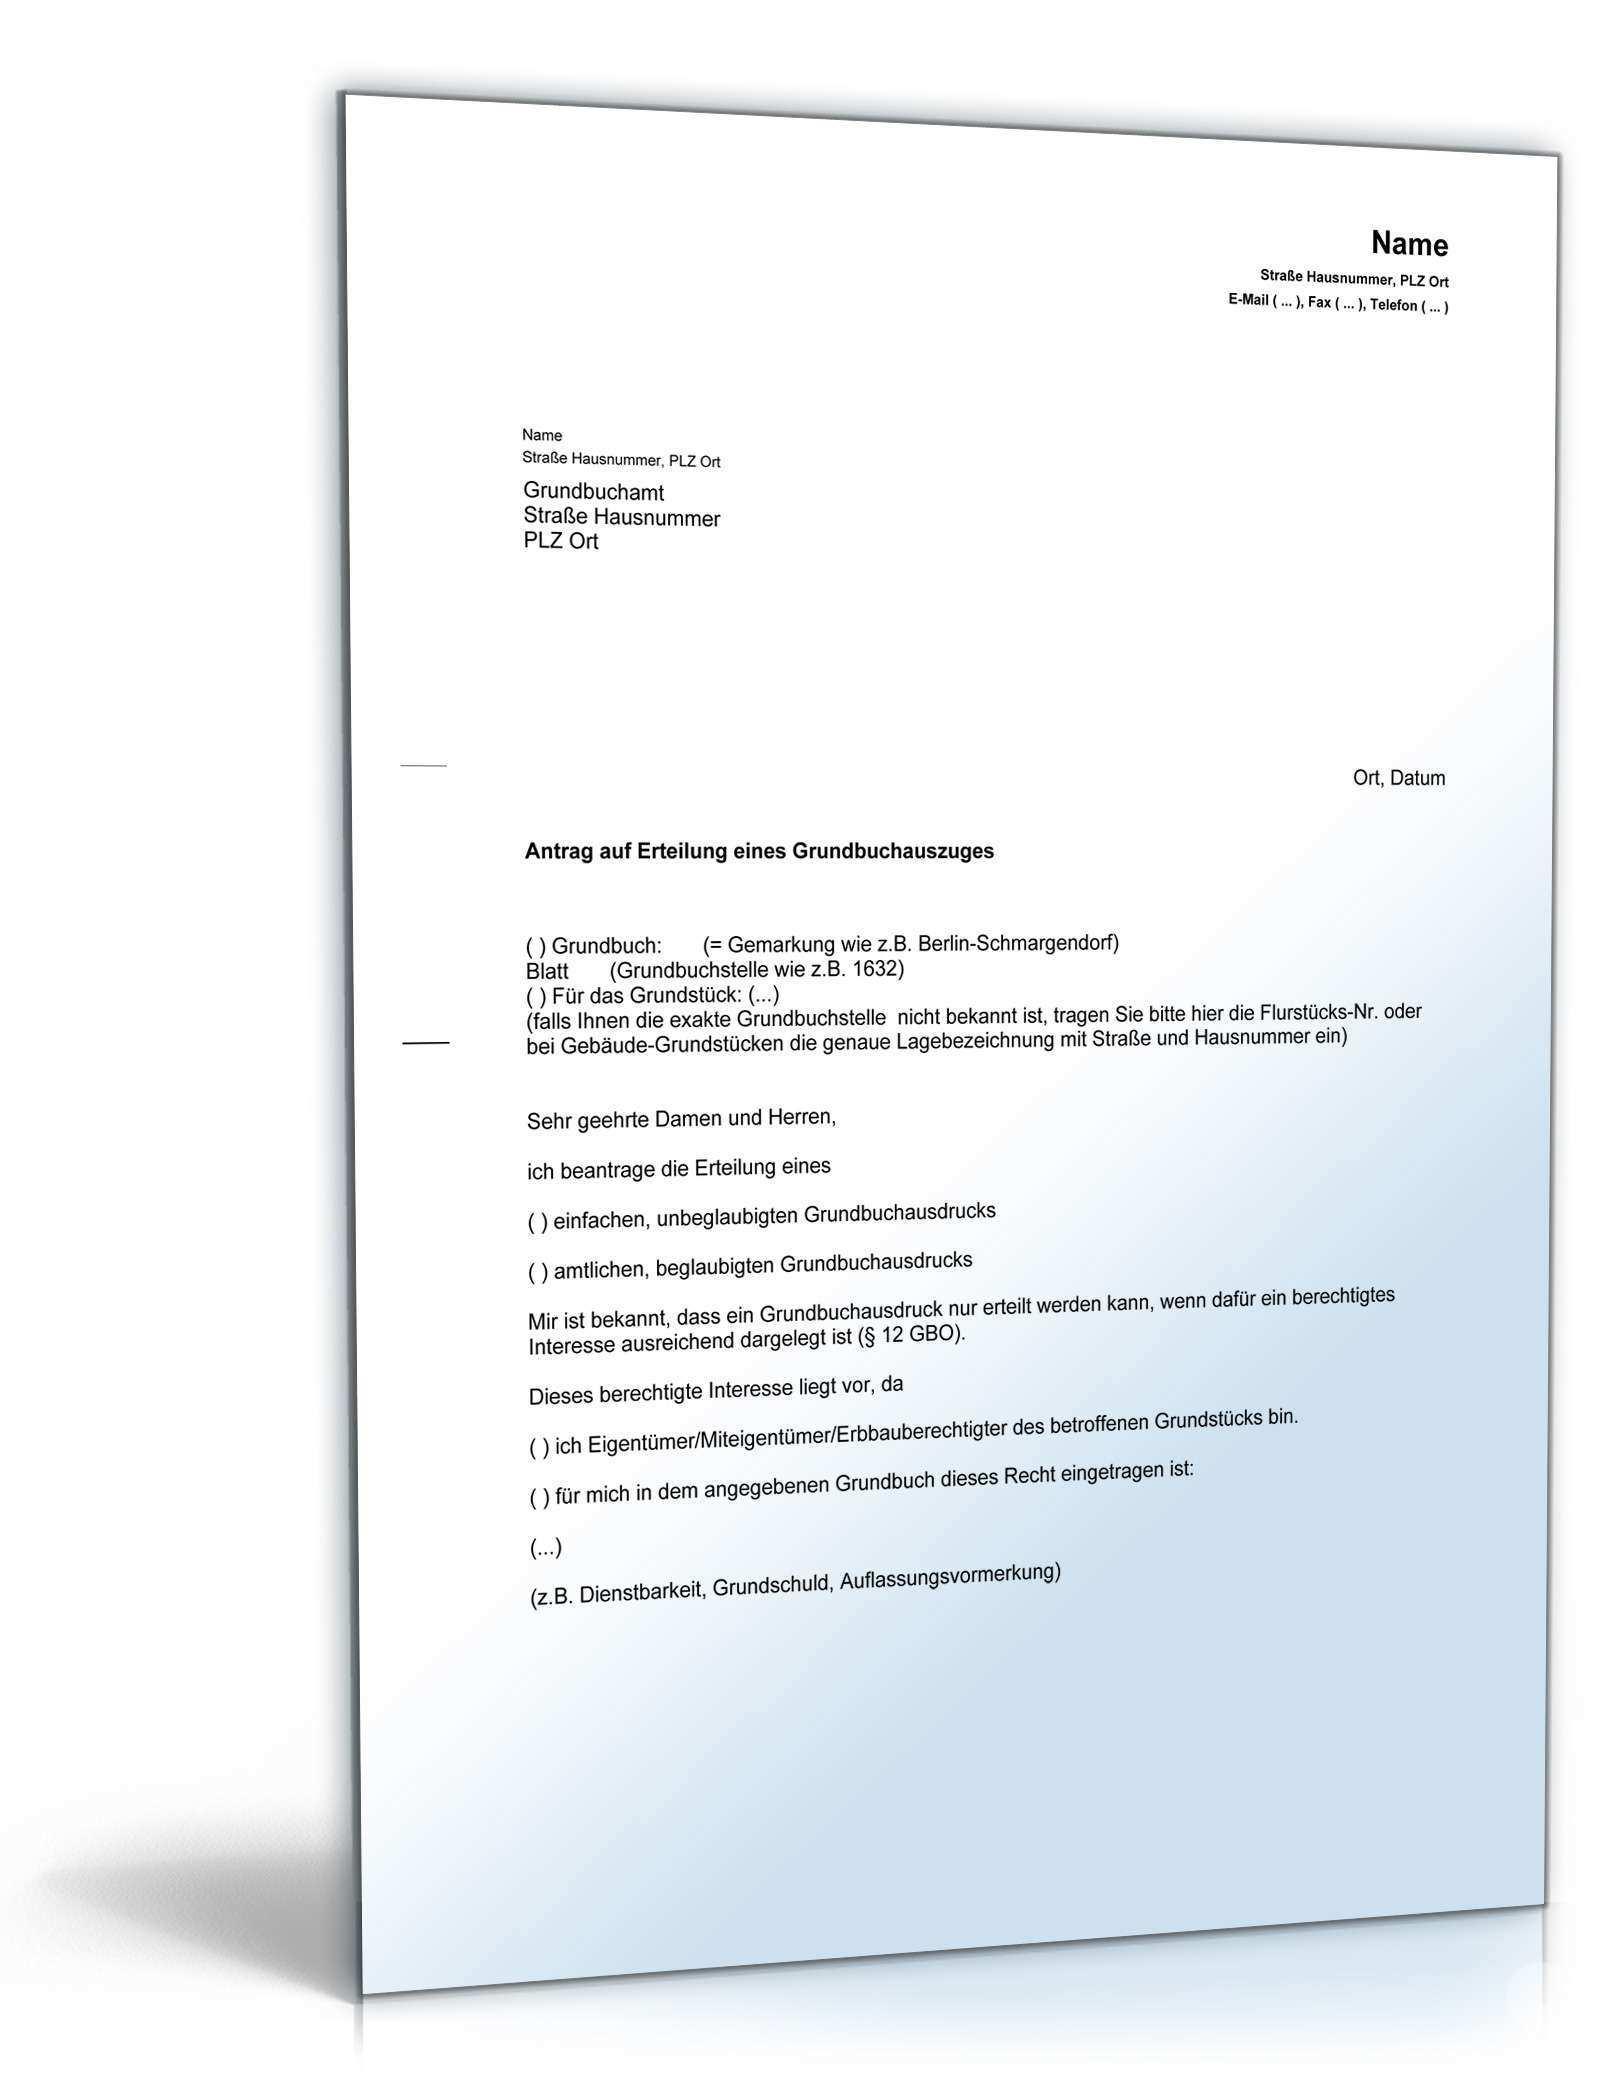 Antrag Auf Erteilung Eines Grundbuchausdrucks Muster Zum Download